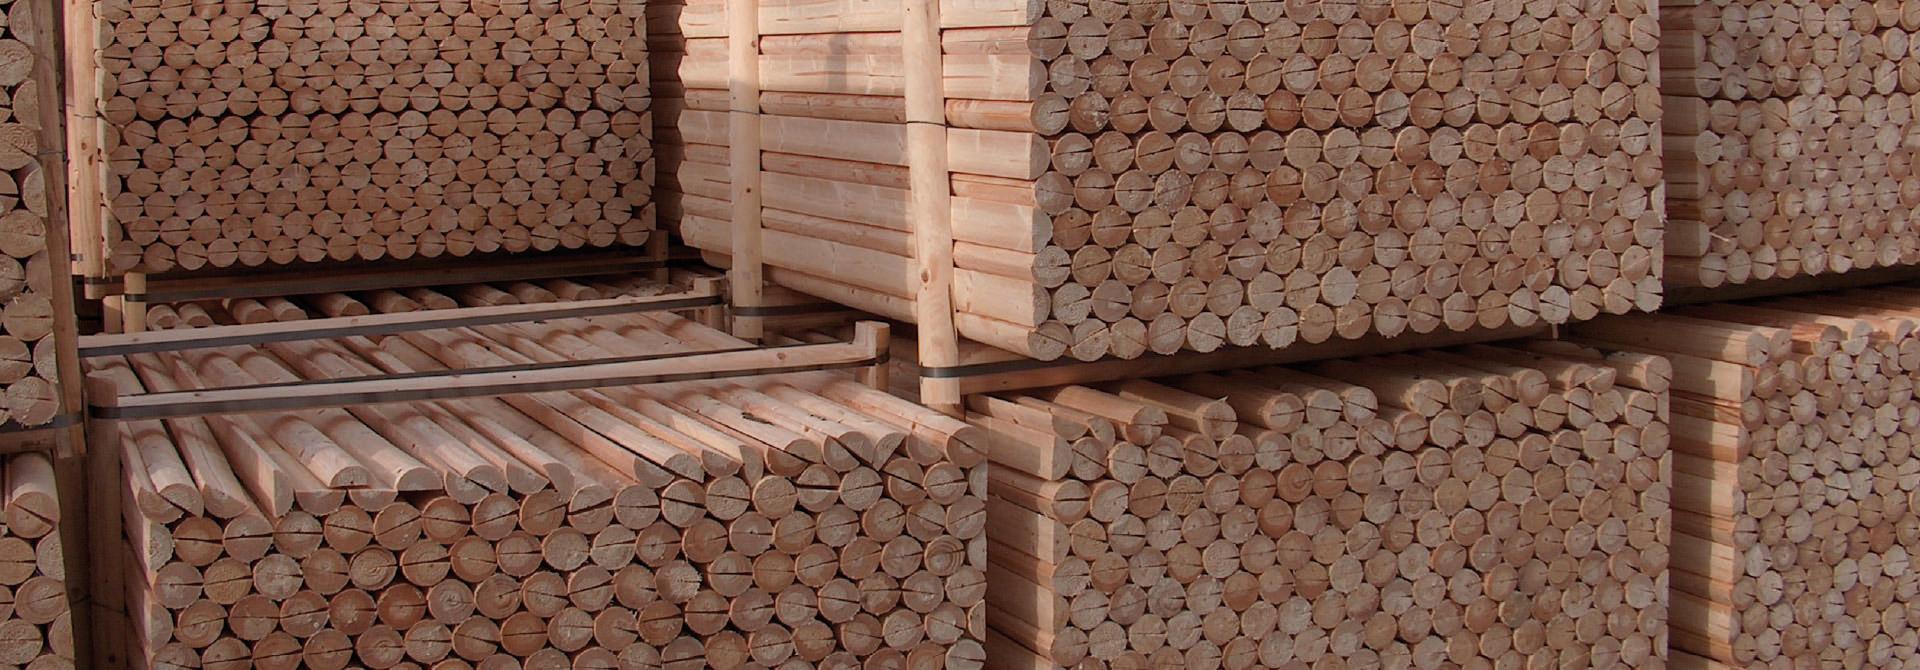 Heyne Holz GmbH in Hohenstein Ernstthal – ZIMMEREI